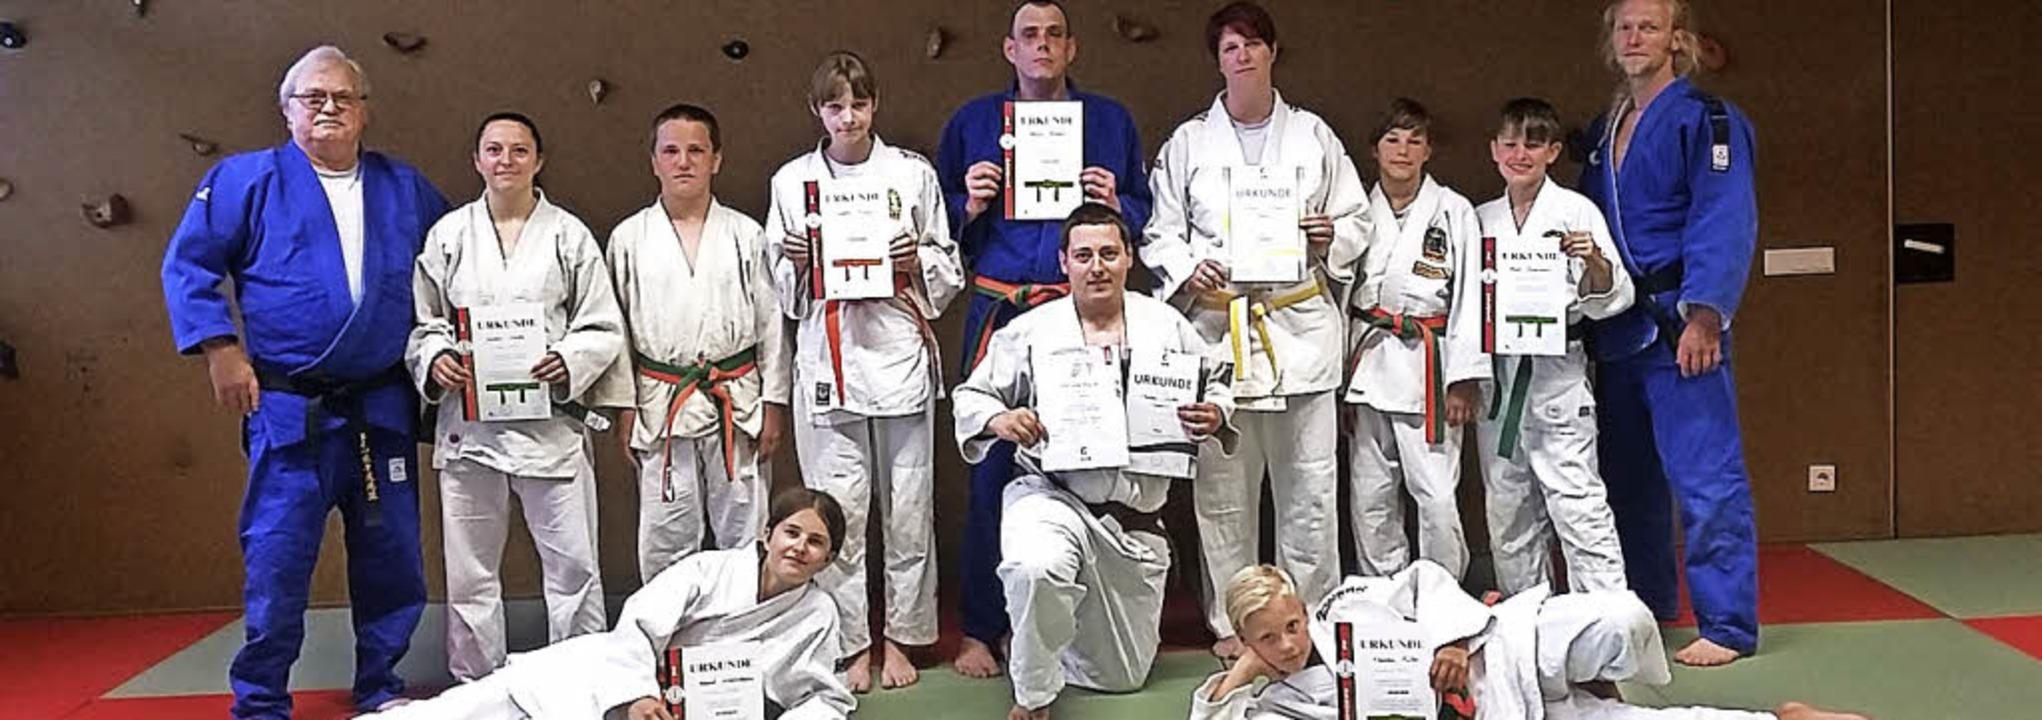 Die erfolgreichen Neustädter Judokas mit den  Prüfern  | Foto: Privat